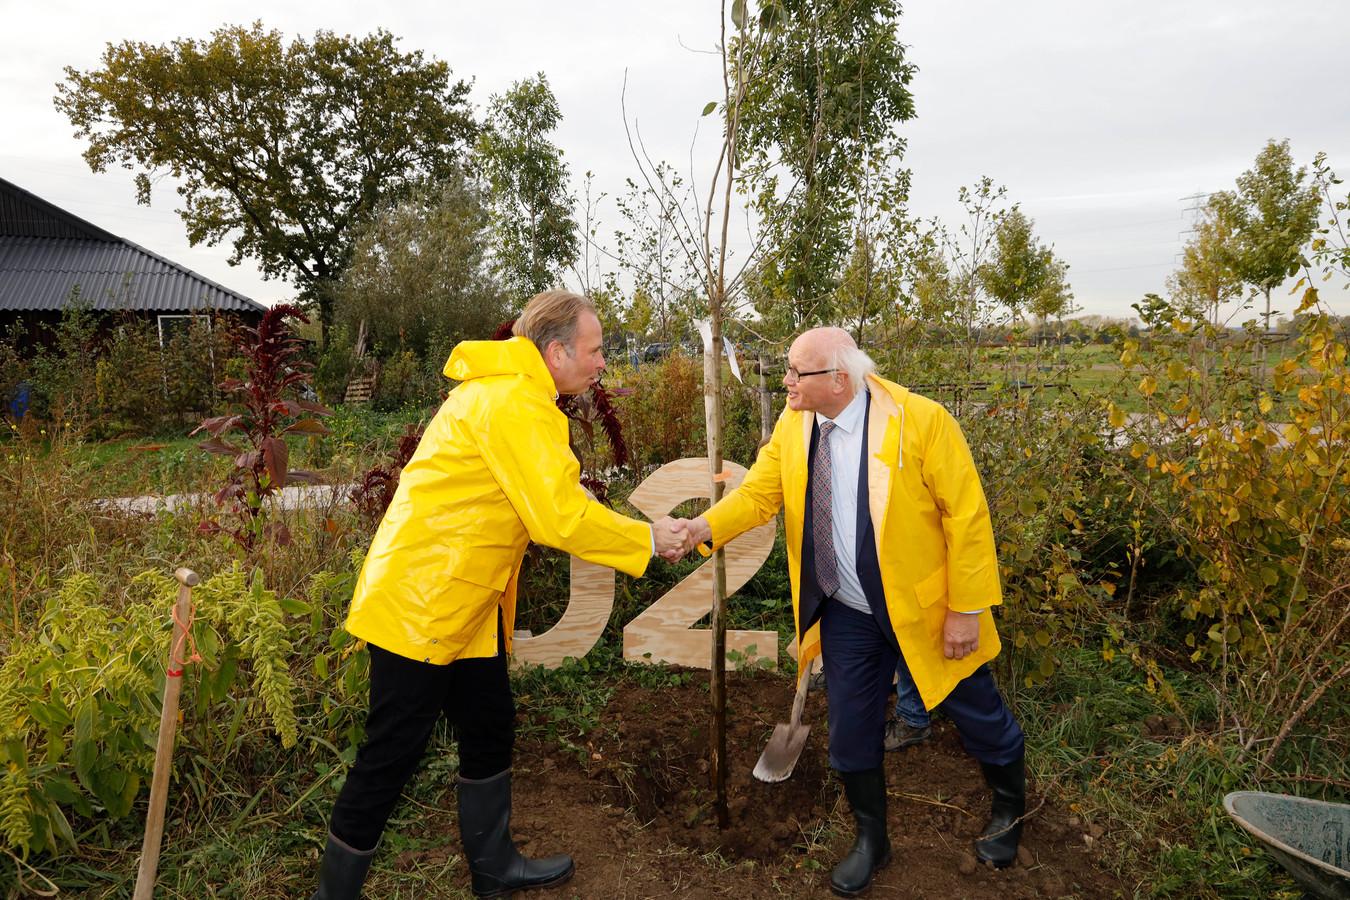 Wethouders Noël Vergunst (links, Nijmegen) en Hans de Vroome (Arnhem), schudden in Elst de hand in Elst na het planten van een appelboom.